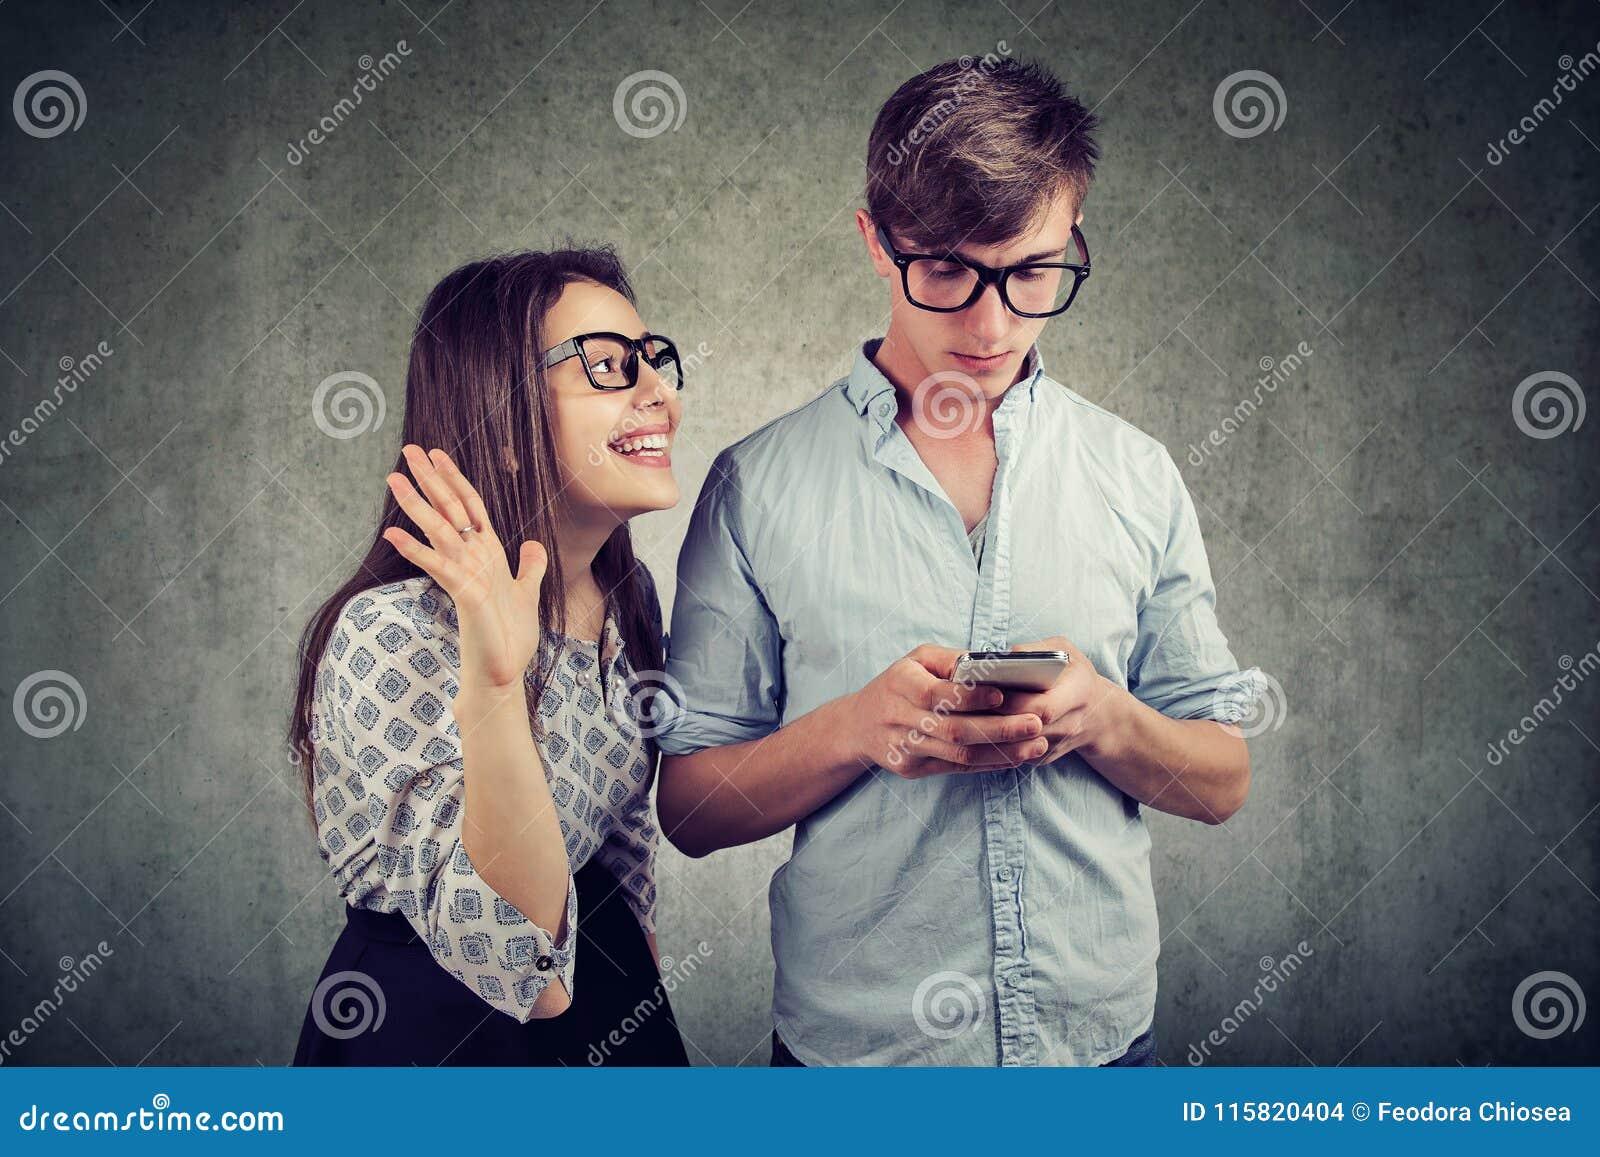 Femme essayant d apporter l attention d un homme bel l ignorant utilisant un smartphone